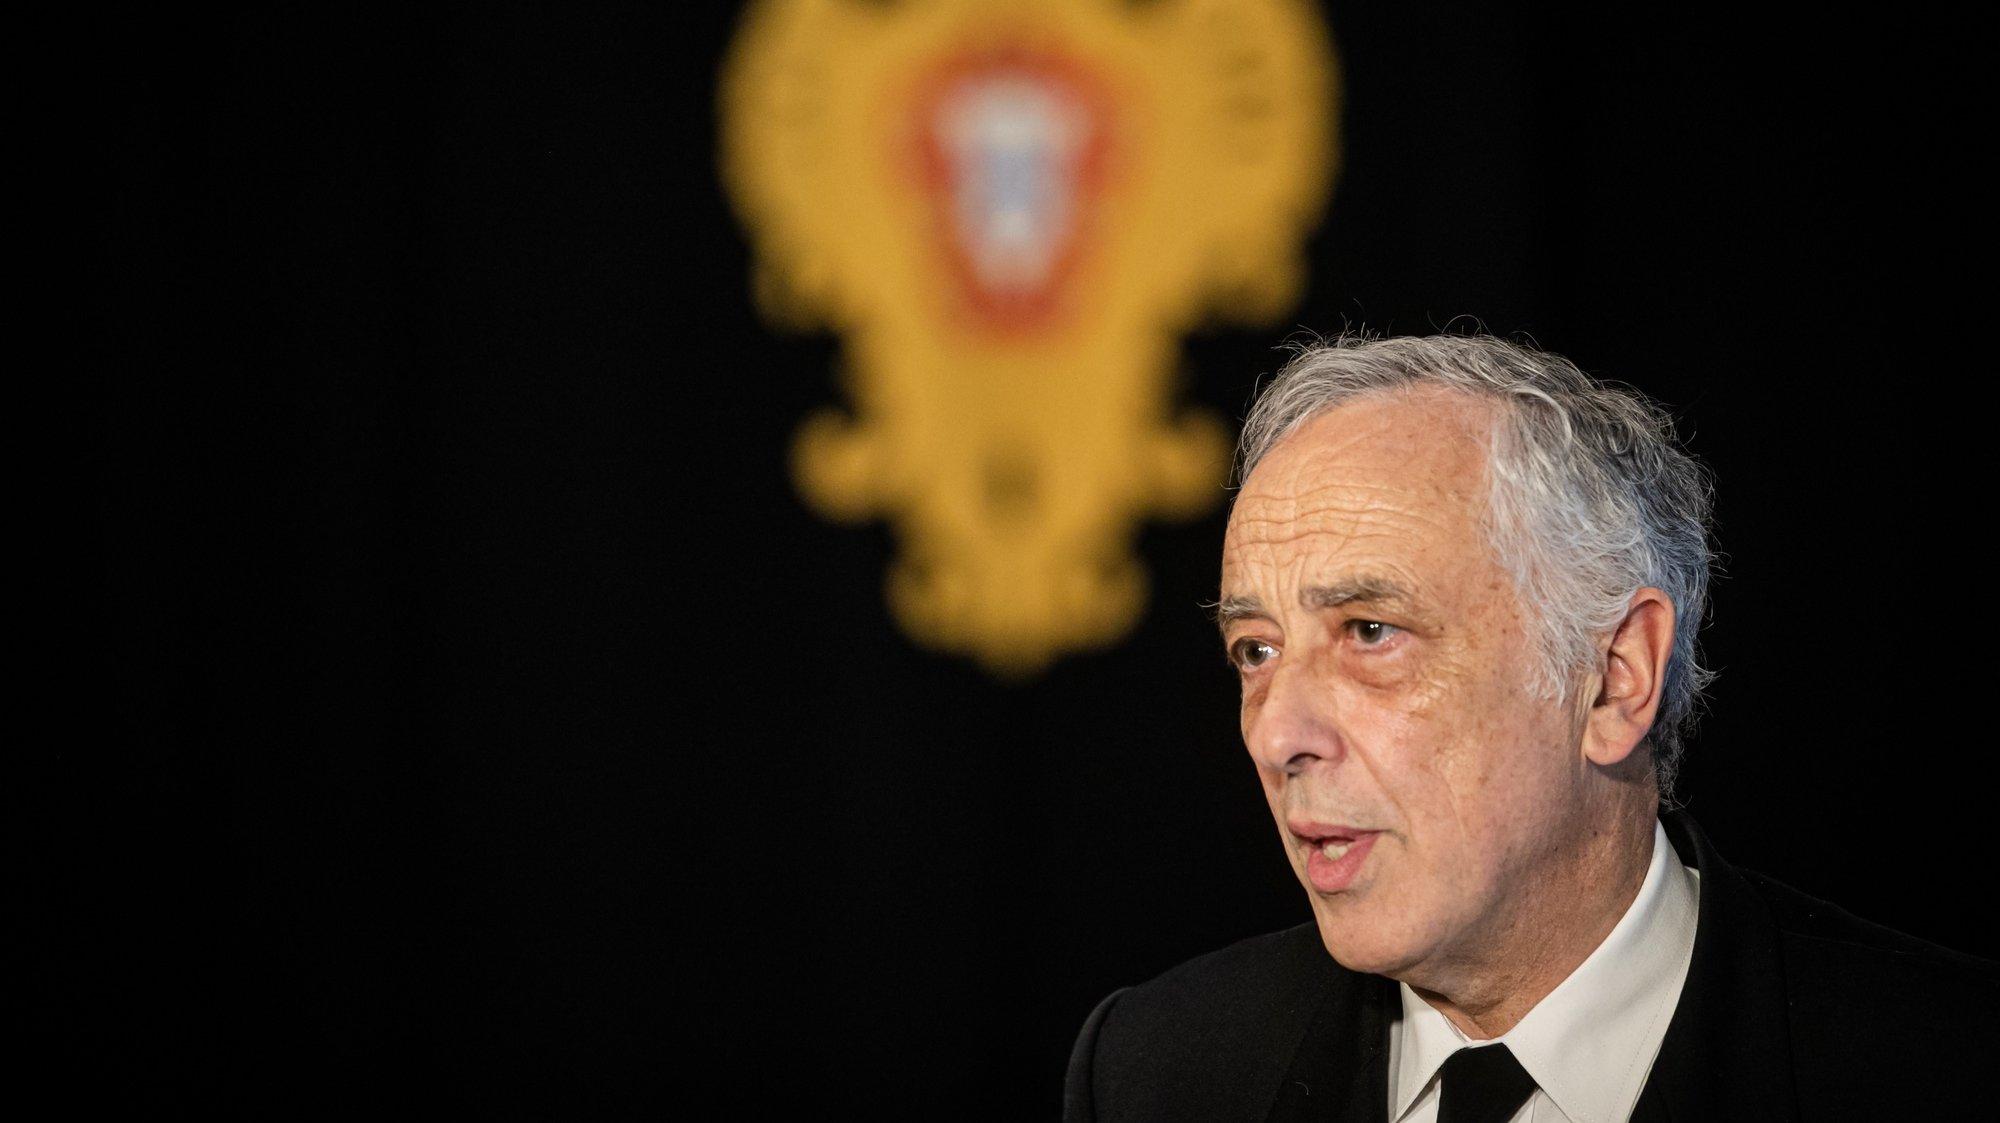 O chefe do Estado-Maior-General das Forças Armadas (CEMGFA), Almirante António Silva Ribeiro, à saída de uma audiência com o Presidente da República, Marcelo Rebelo de Sousa (ausente na fotografia), no Palácio de Belém, em Lisboa, 14 de abril de 2020. JOSÉ SENA GOULÃO/LUSA